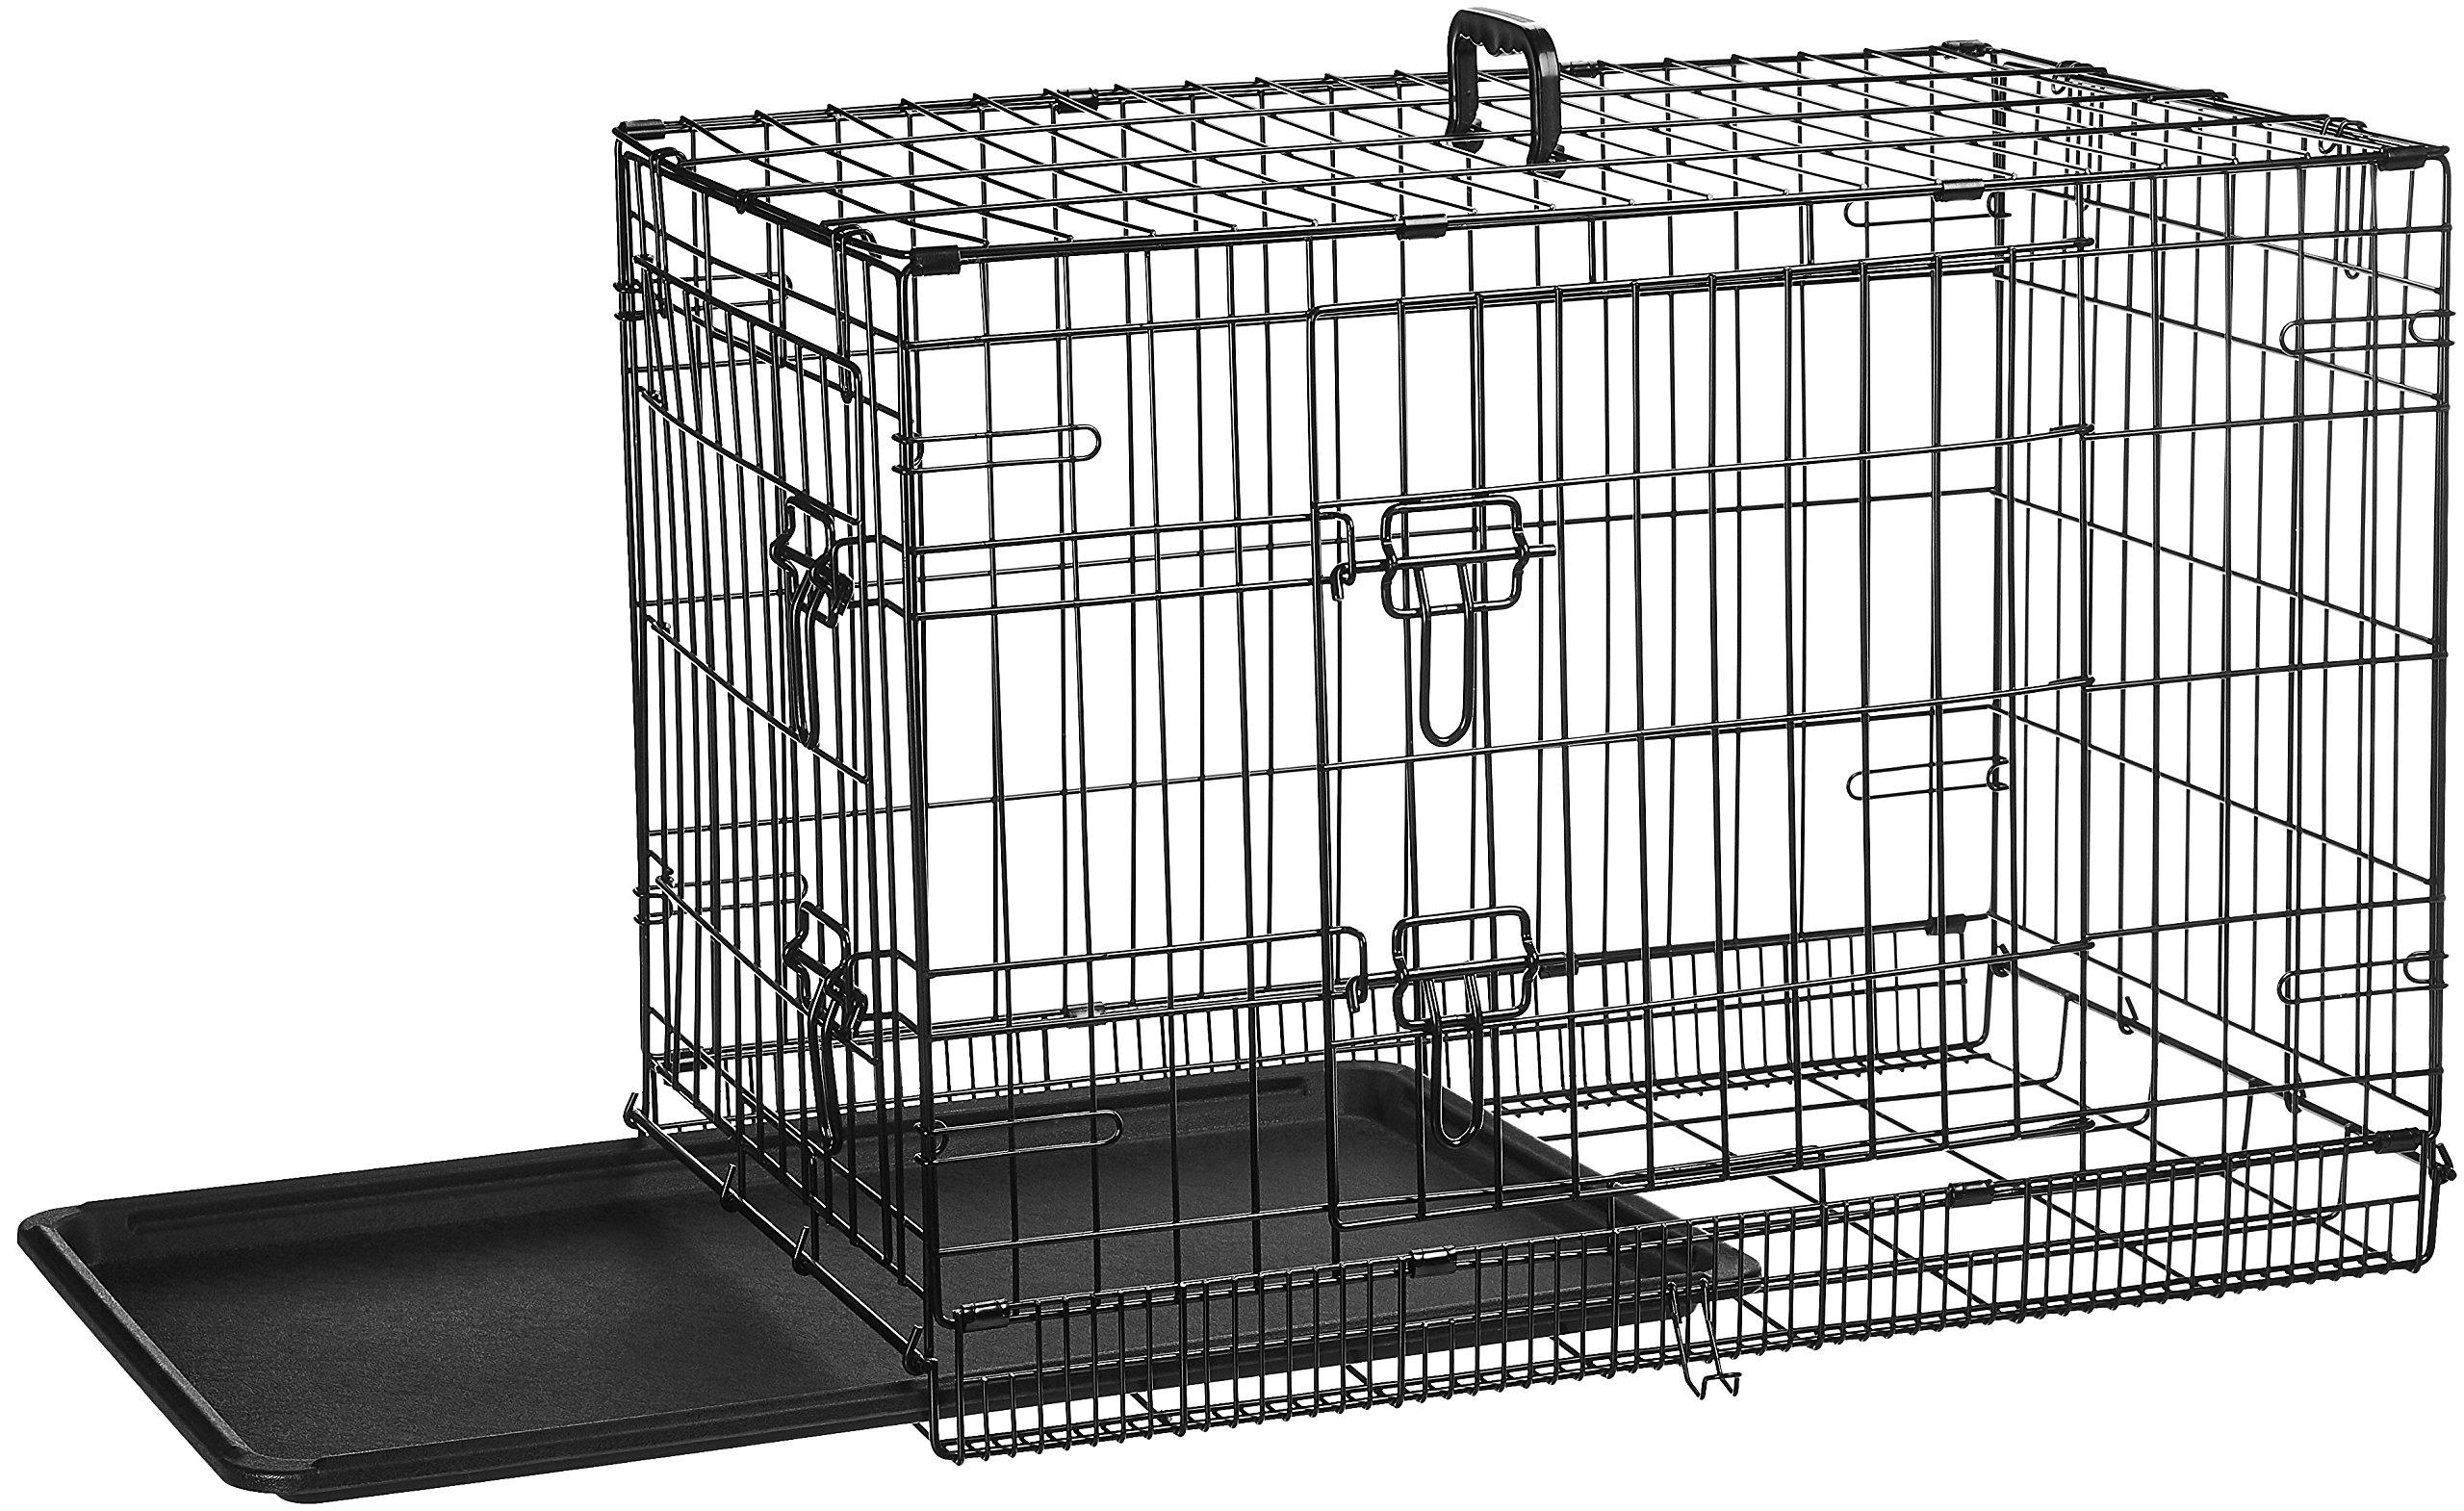 AmazonBasics Double-Door Folding Metal Dog Crate - 30 Inches by AmazonBasics (Image #5)